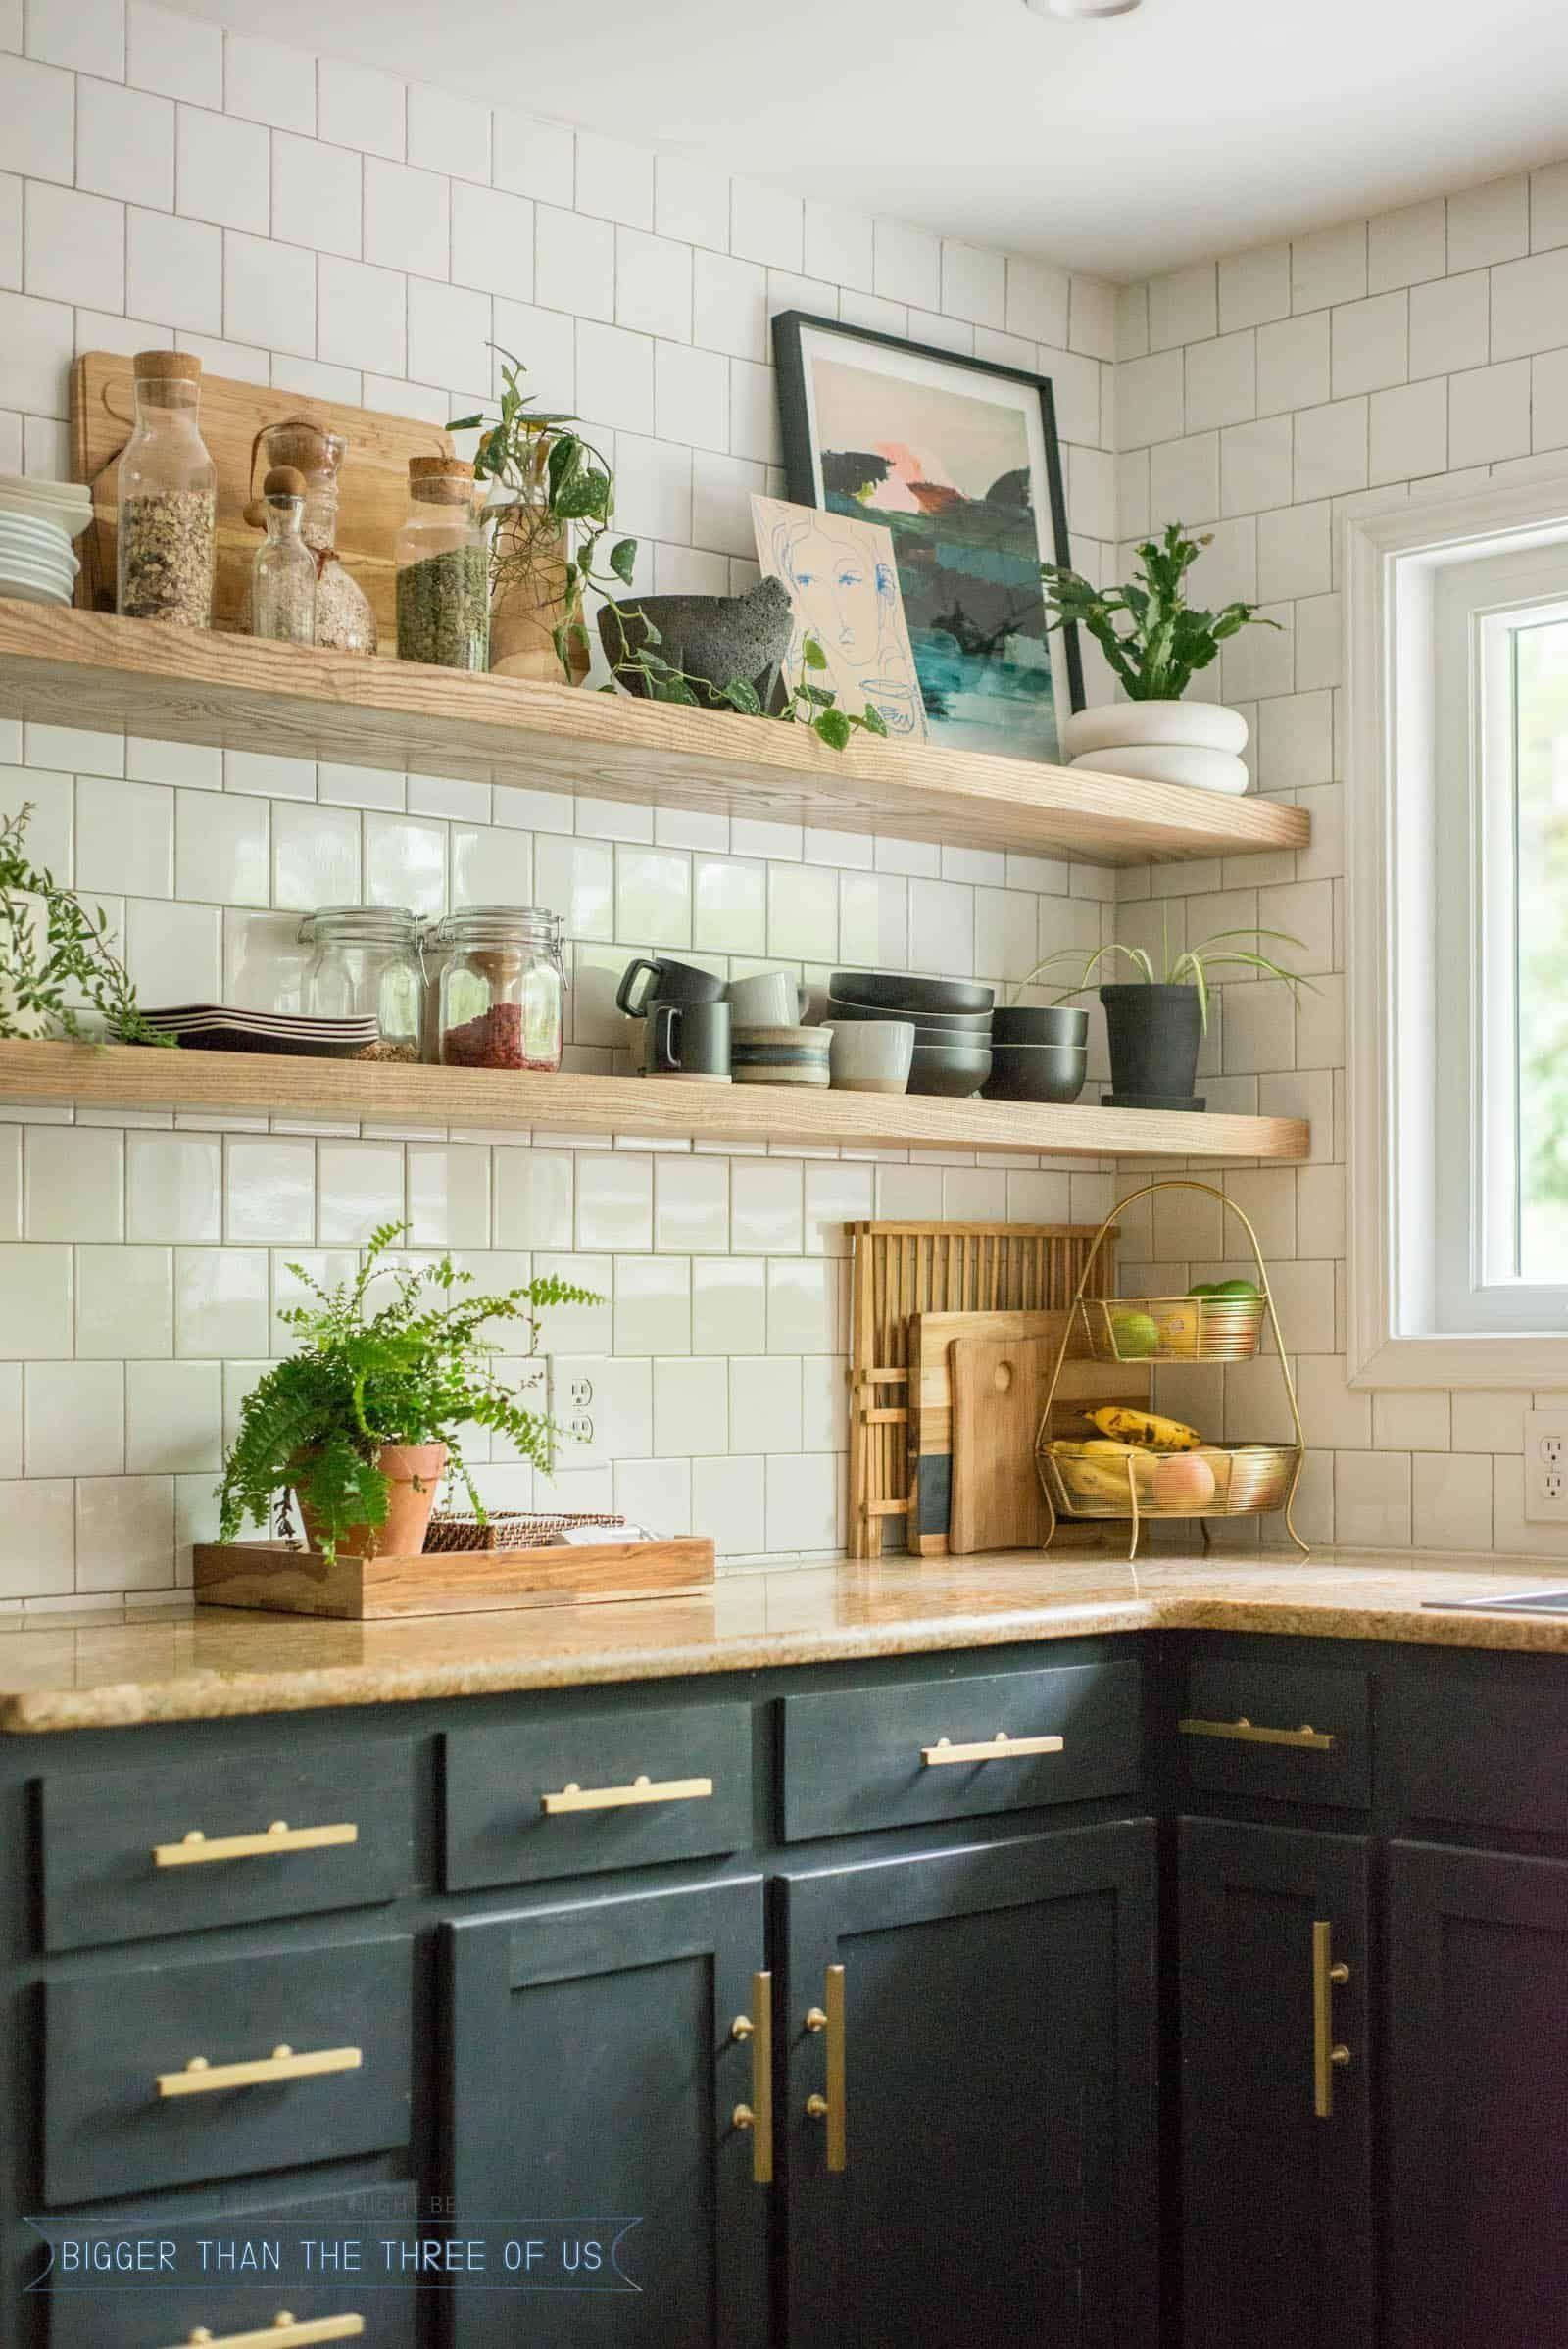 13 Magnificient Open Shelves Kitchen Ideas  Open kitchen cabinets